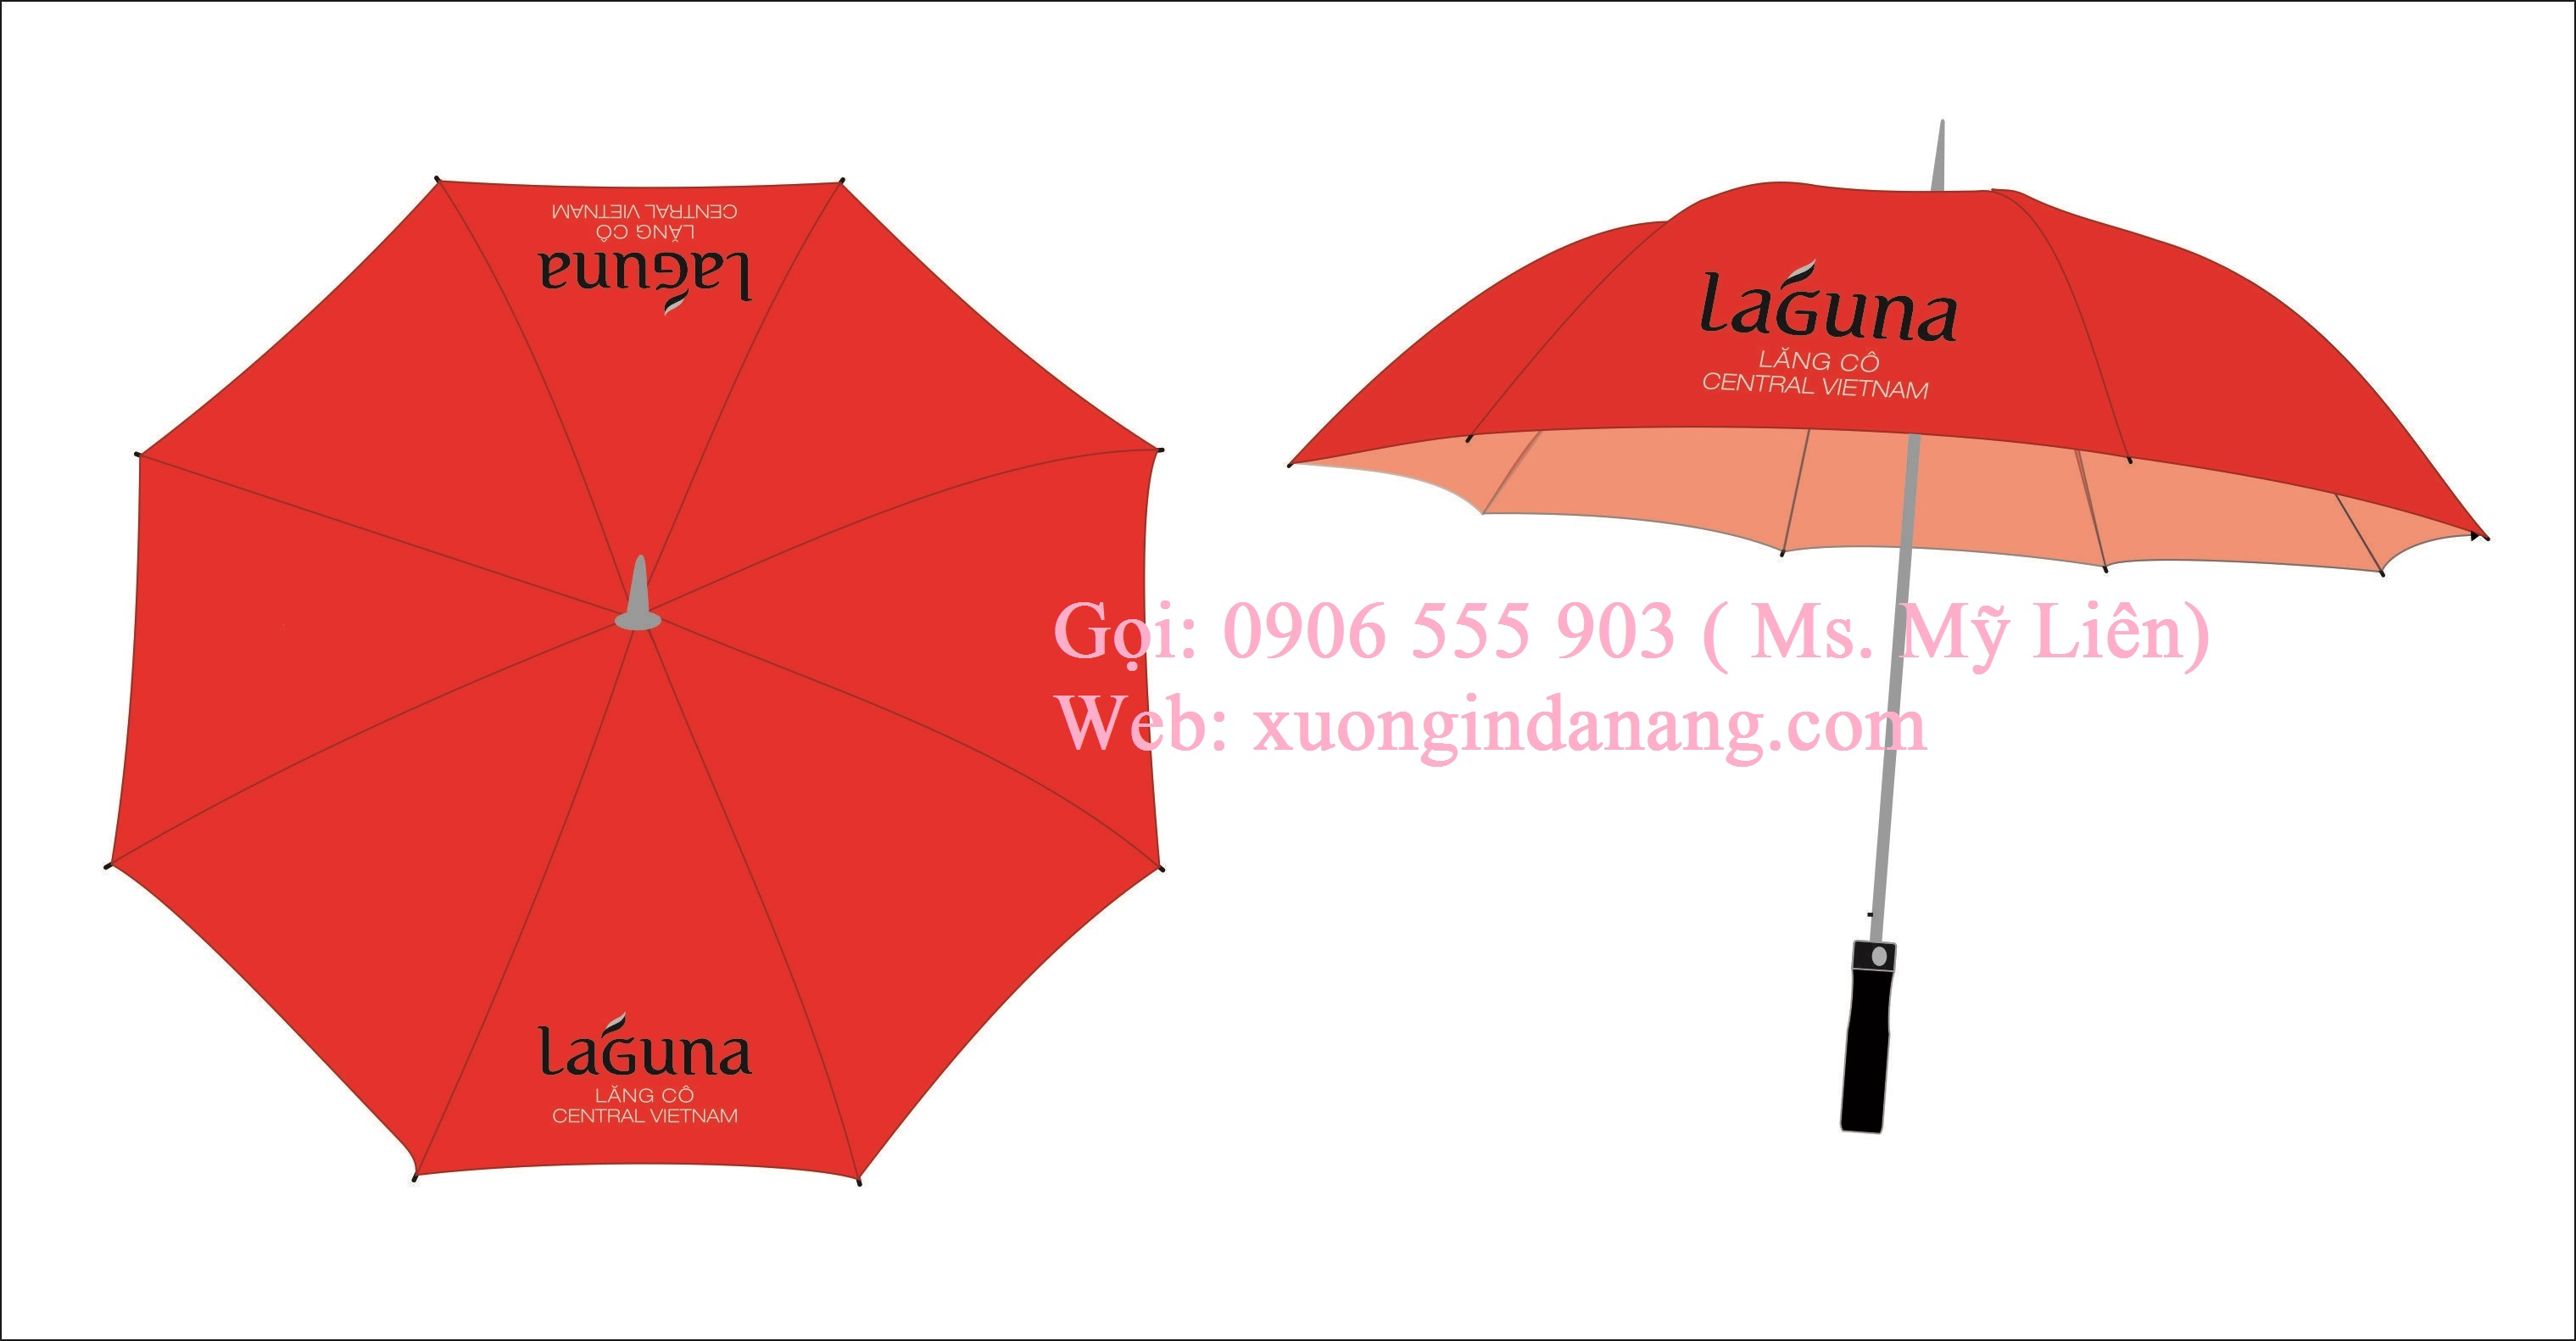 Xưởng cung cấp ô dù cầm tay